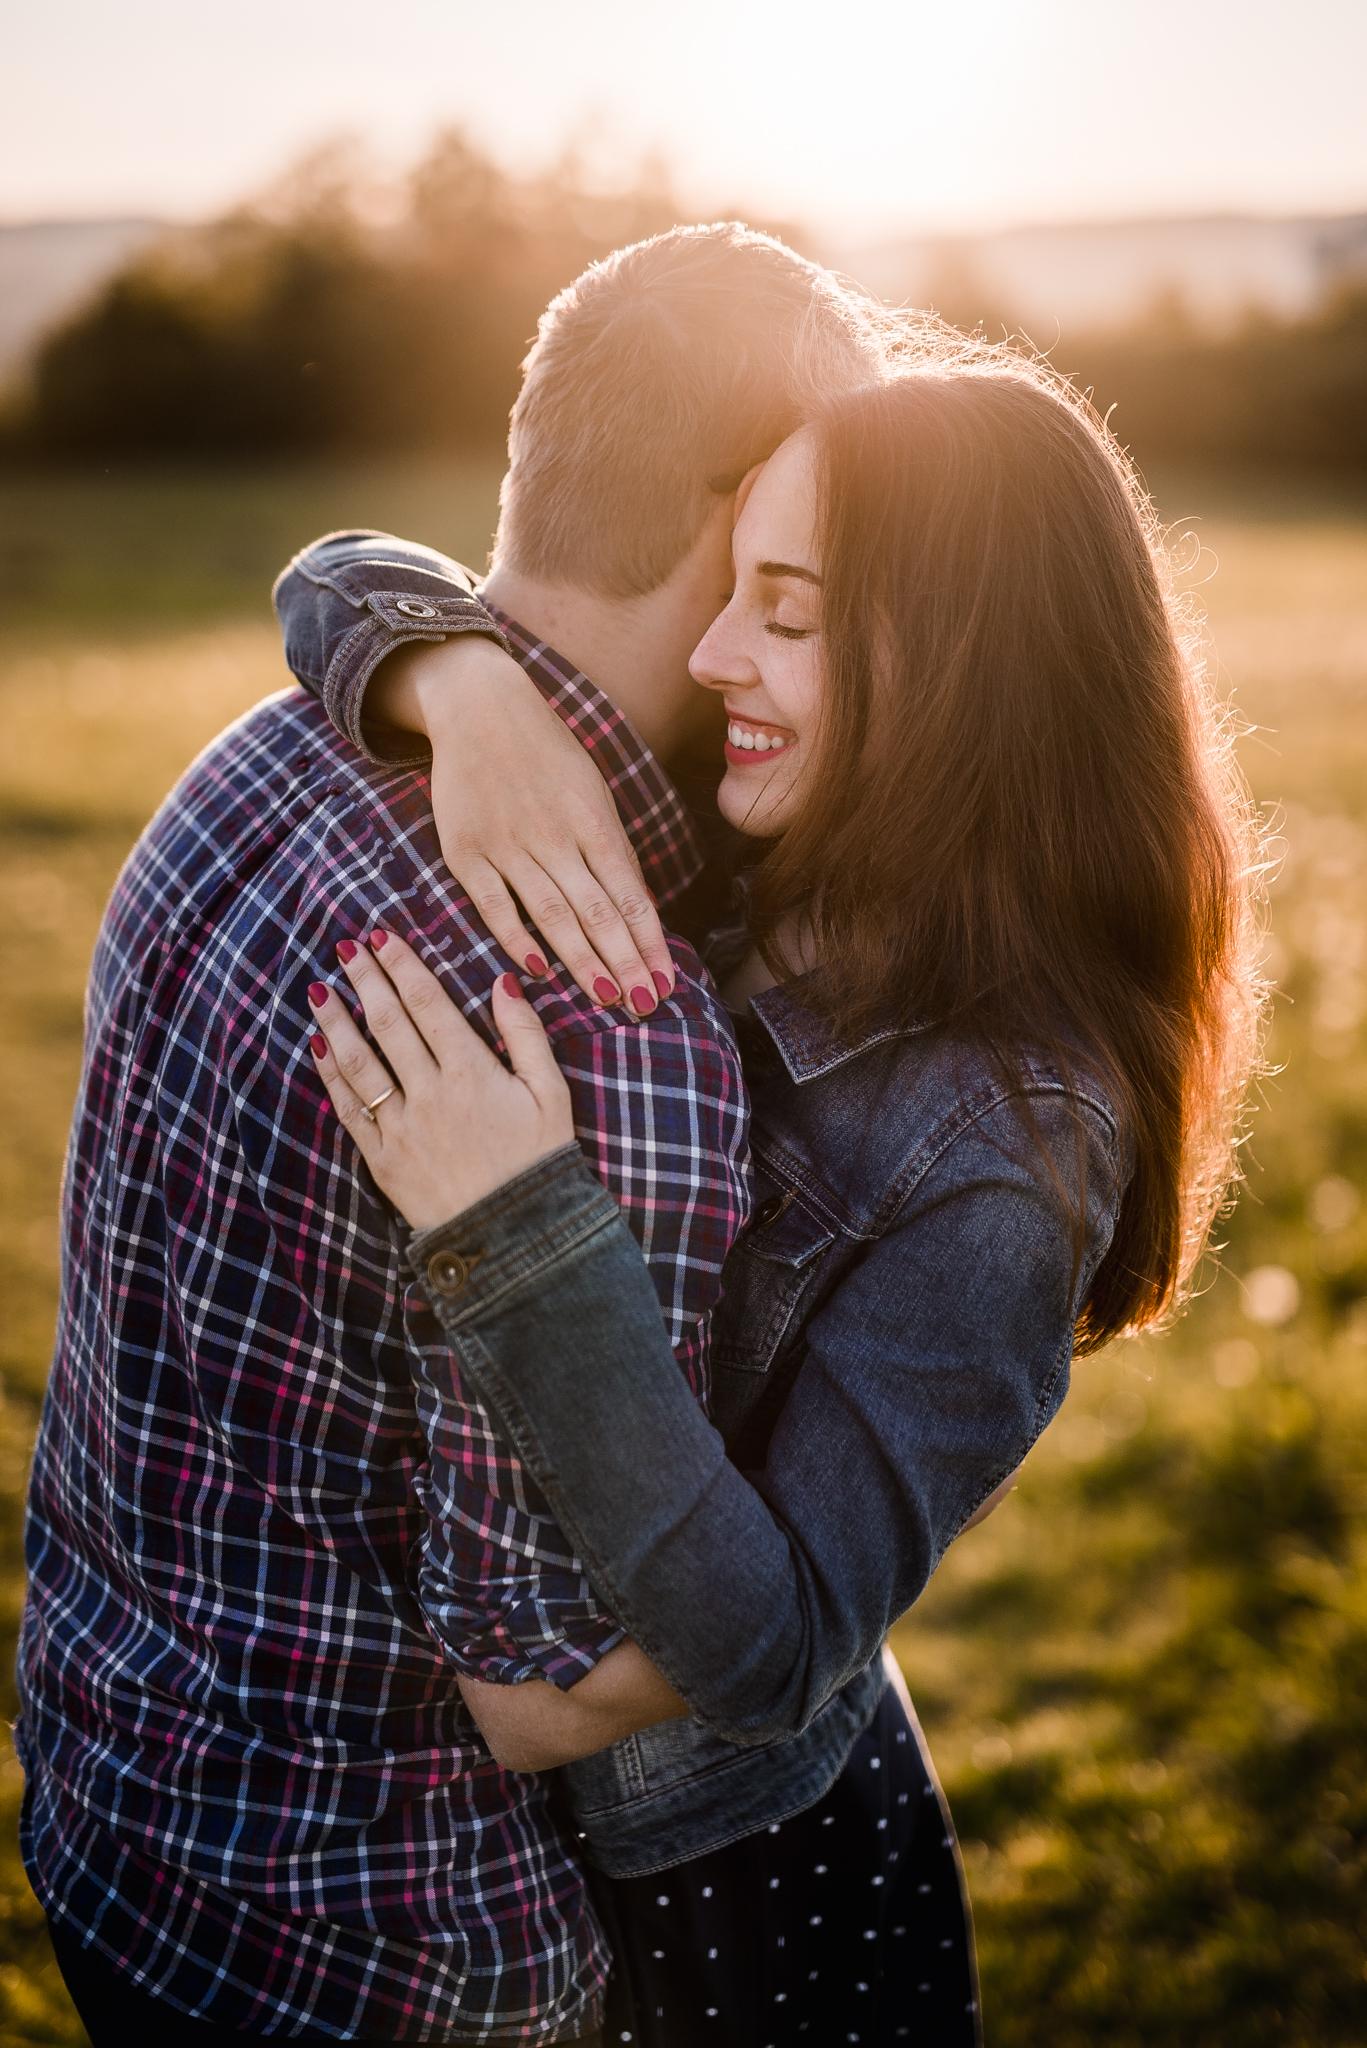 láska, príroda, lúka, západ slnka, sunset, romantika, úsmev, smile, radosť, zamilovaný pár, kofola, objatie